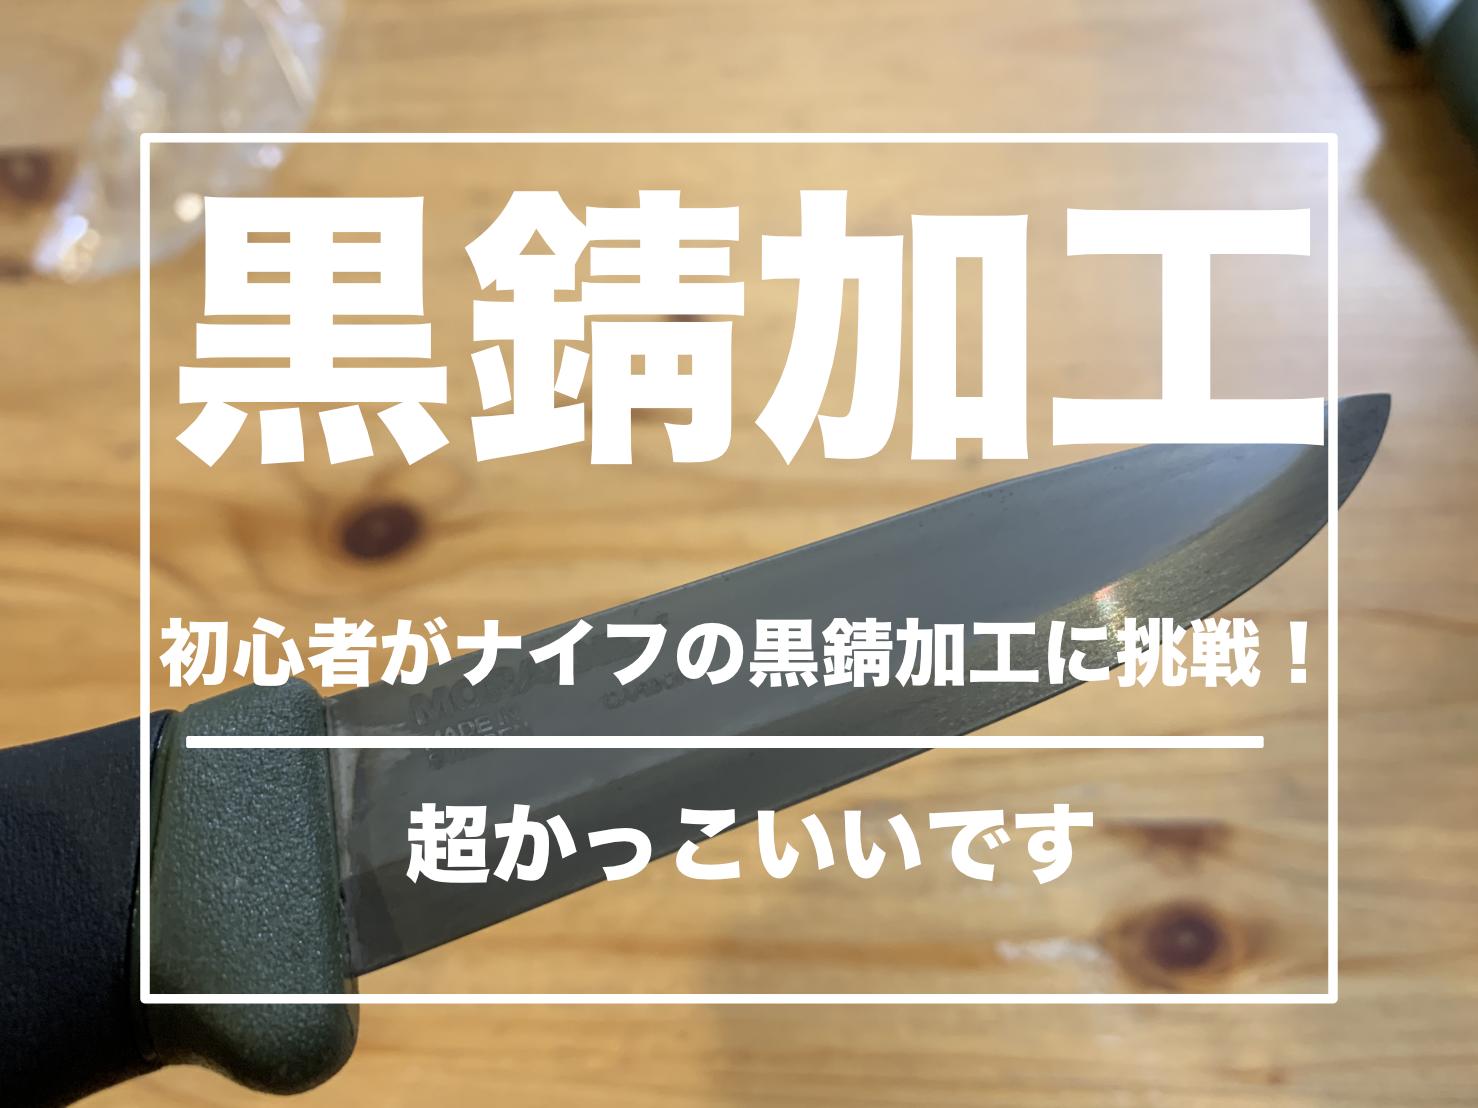 【モーラナイフ】初心者がナイフの黒錆加工に挑戦!【ブッシュクラフト】